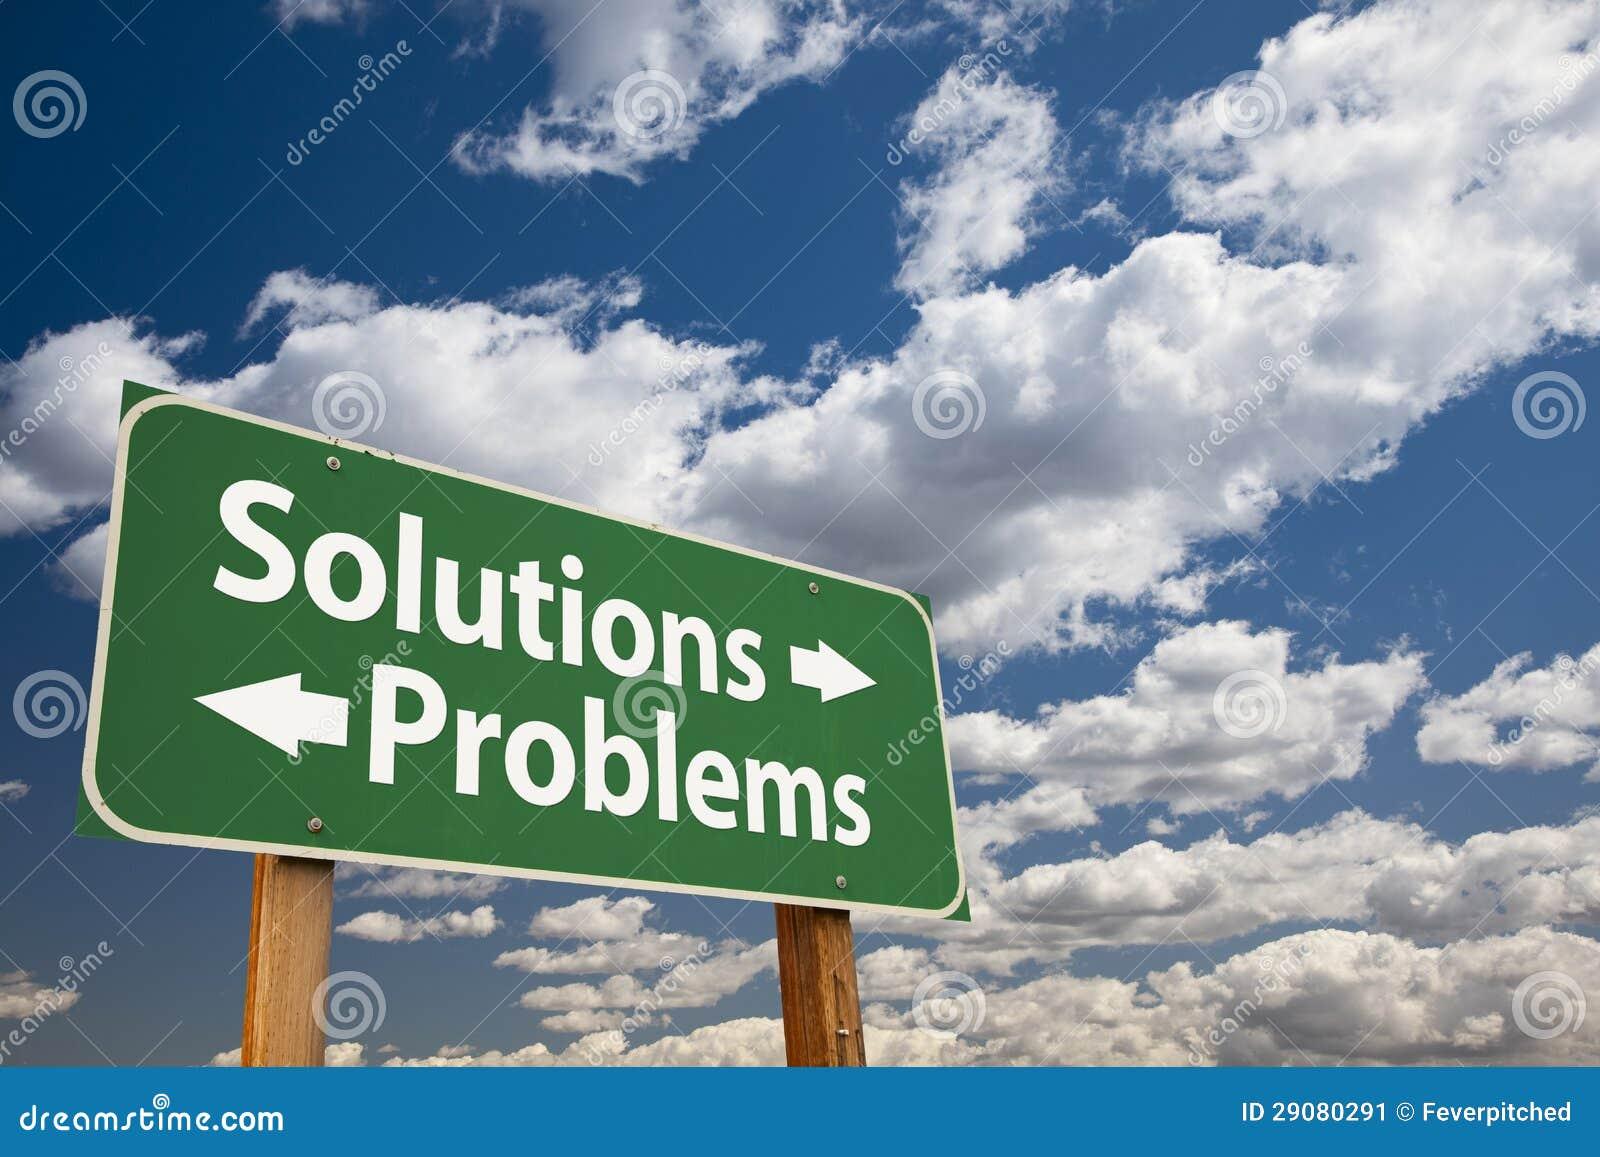 Solutions, panneau routier vert de problèmes au-dessus des nuages